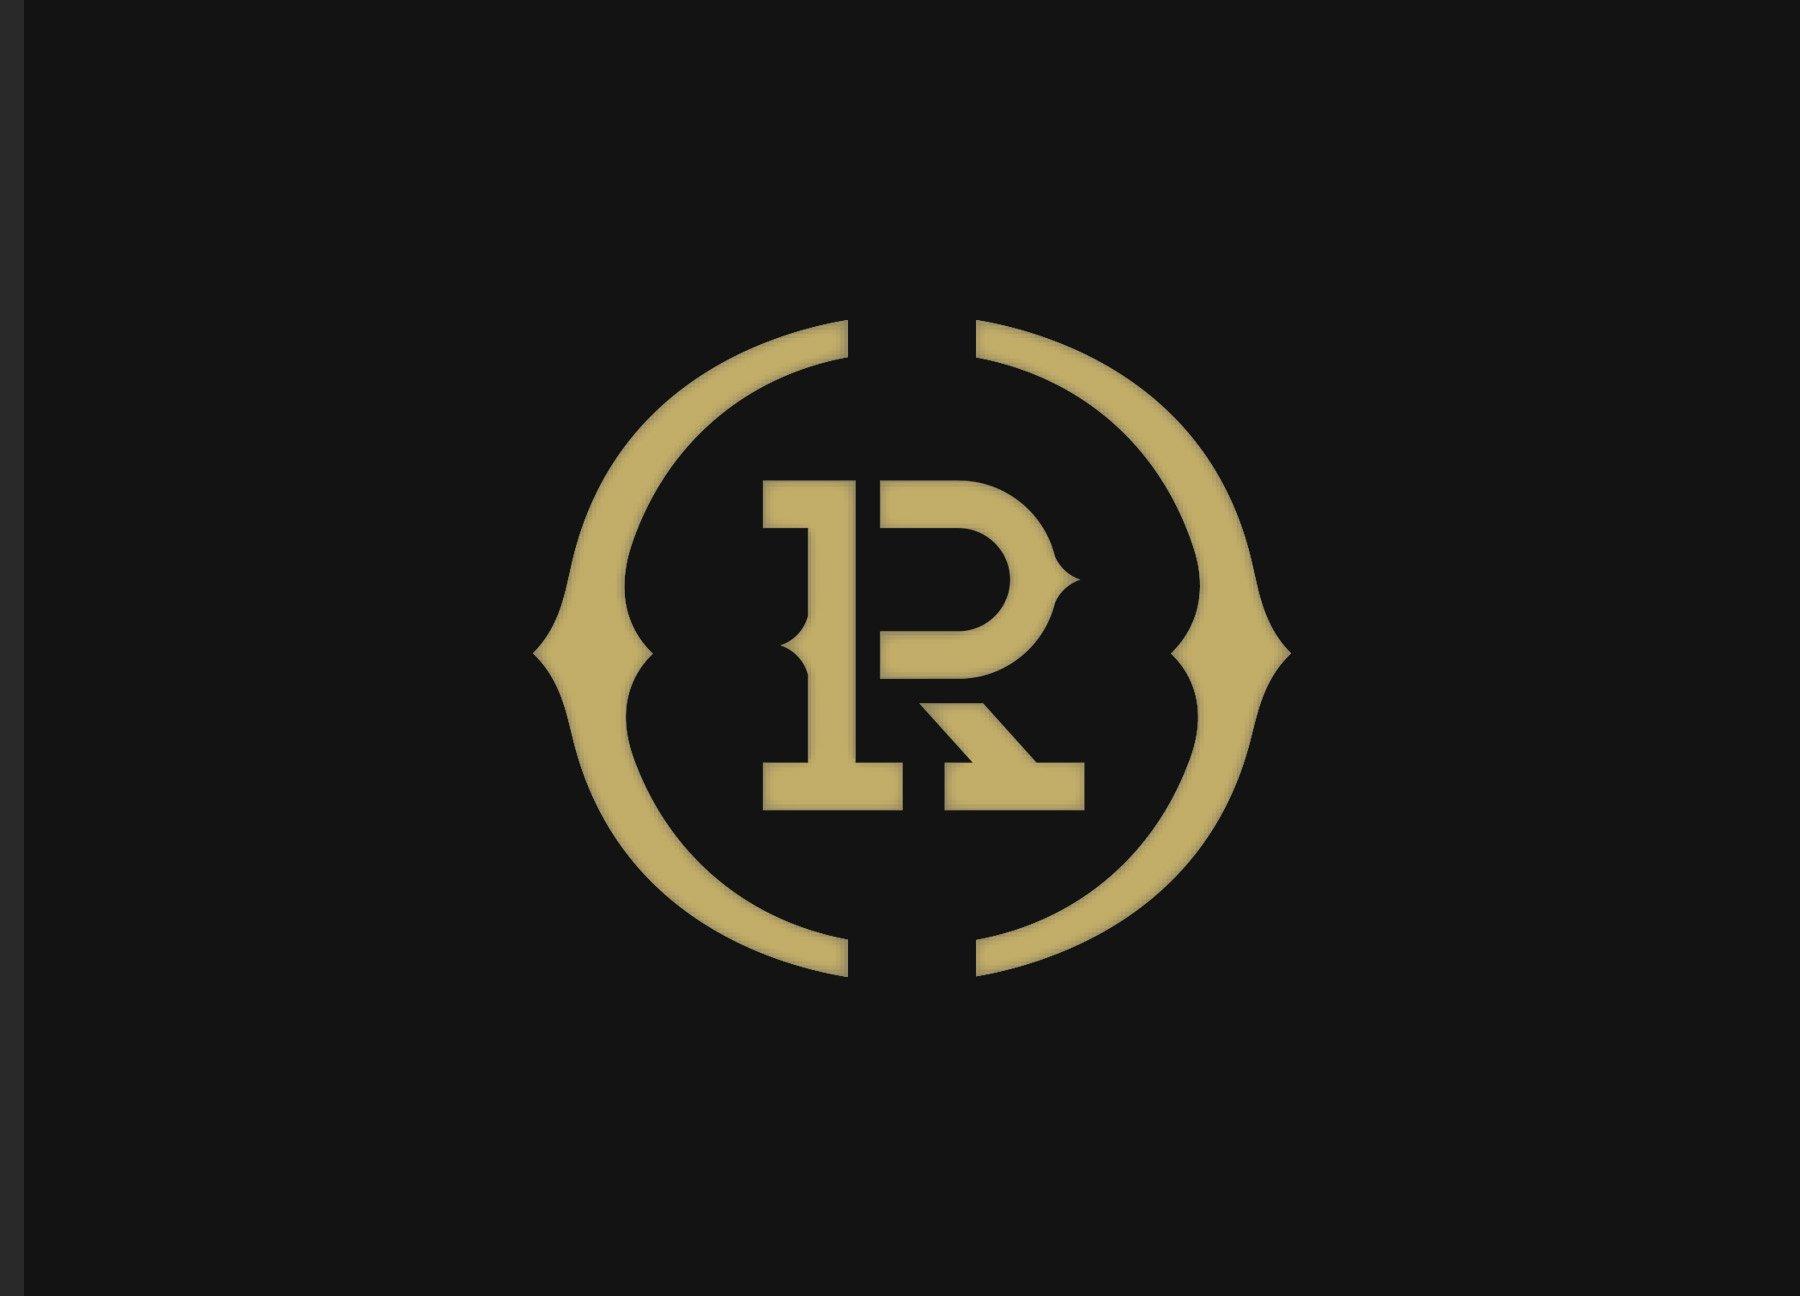 brand identity: ross built homes